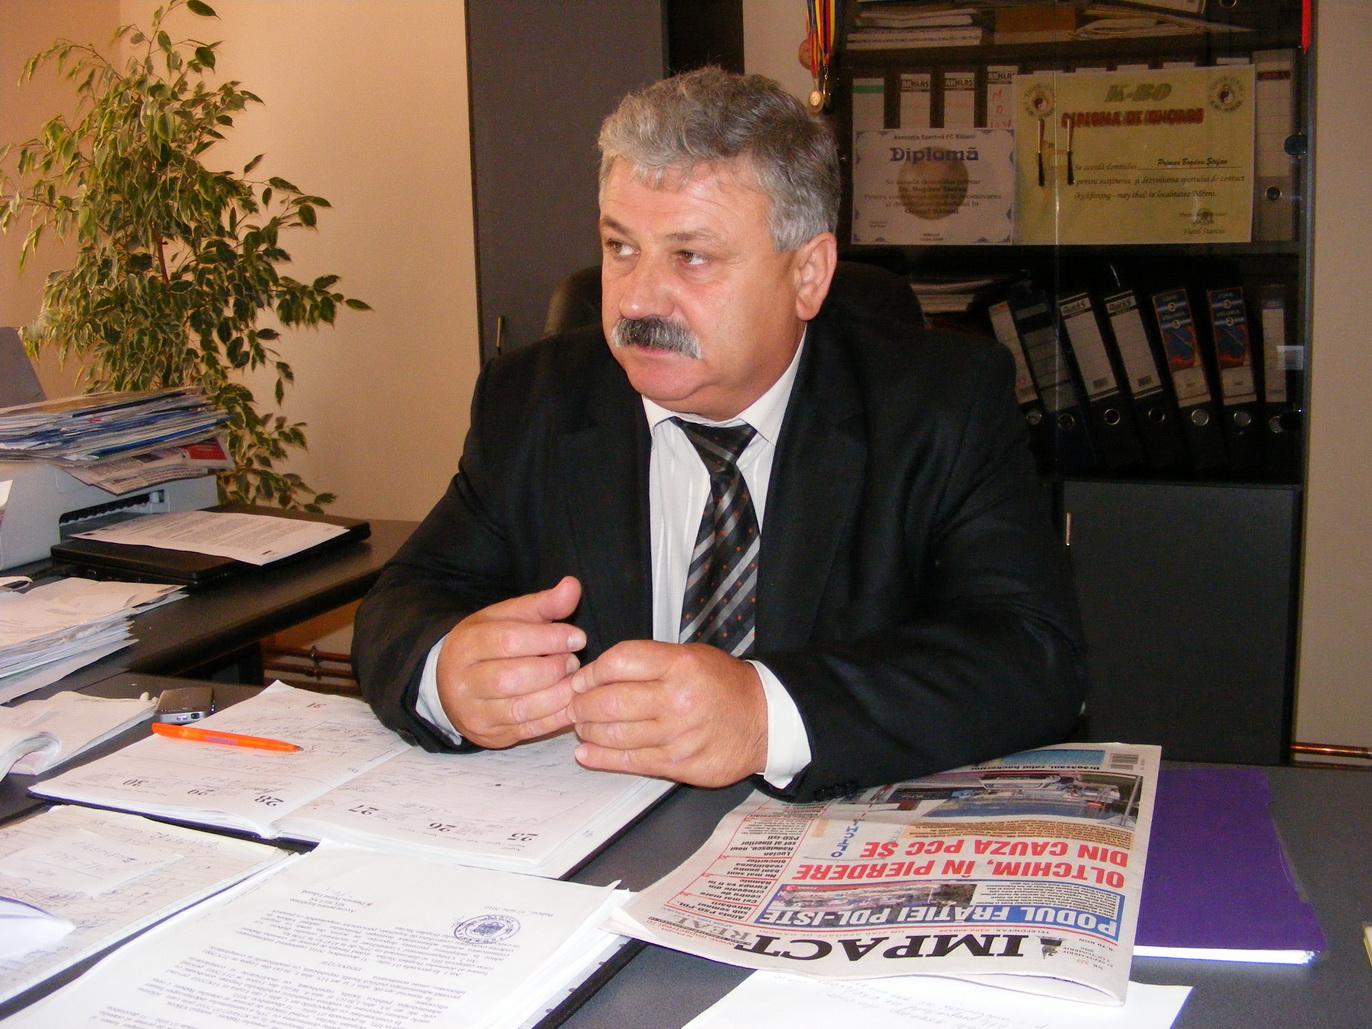 """Comunicat de presă: Proiect """"SISTEM Băbeni – Servicii Integrate de Sănătate, Trai, Educație si Muncă în Băbeni"""""""